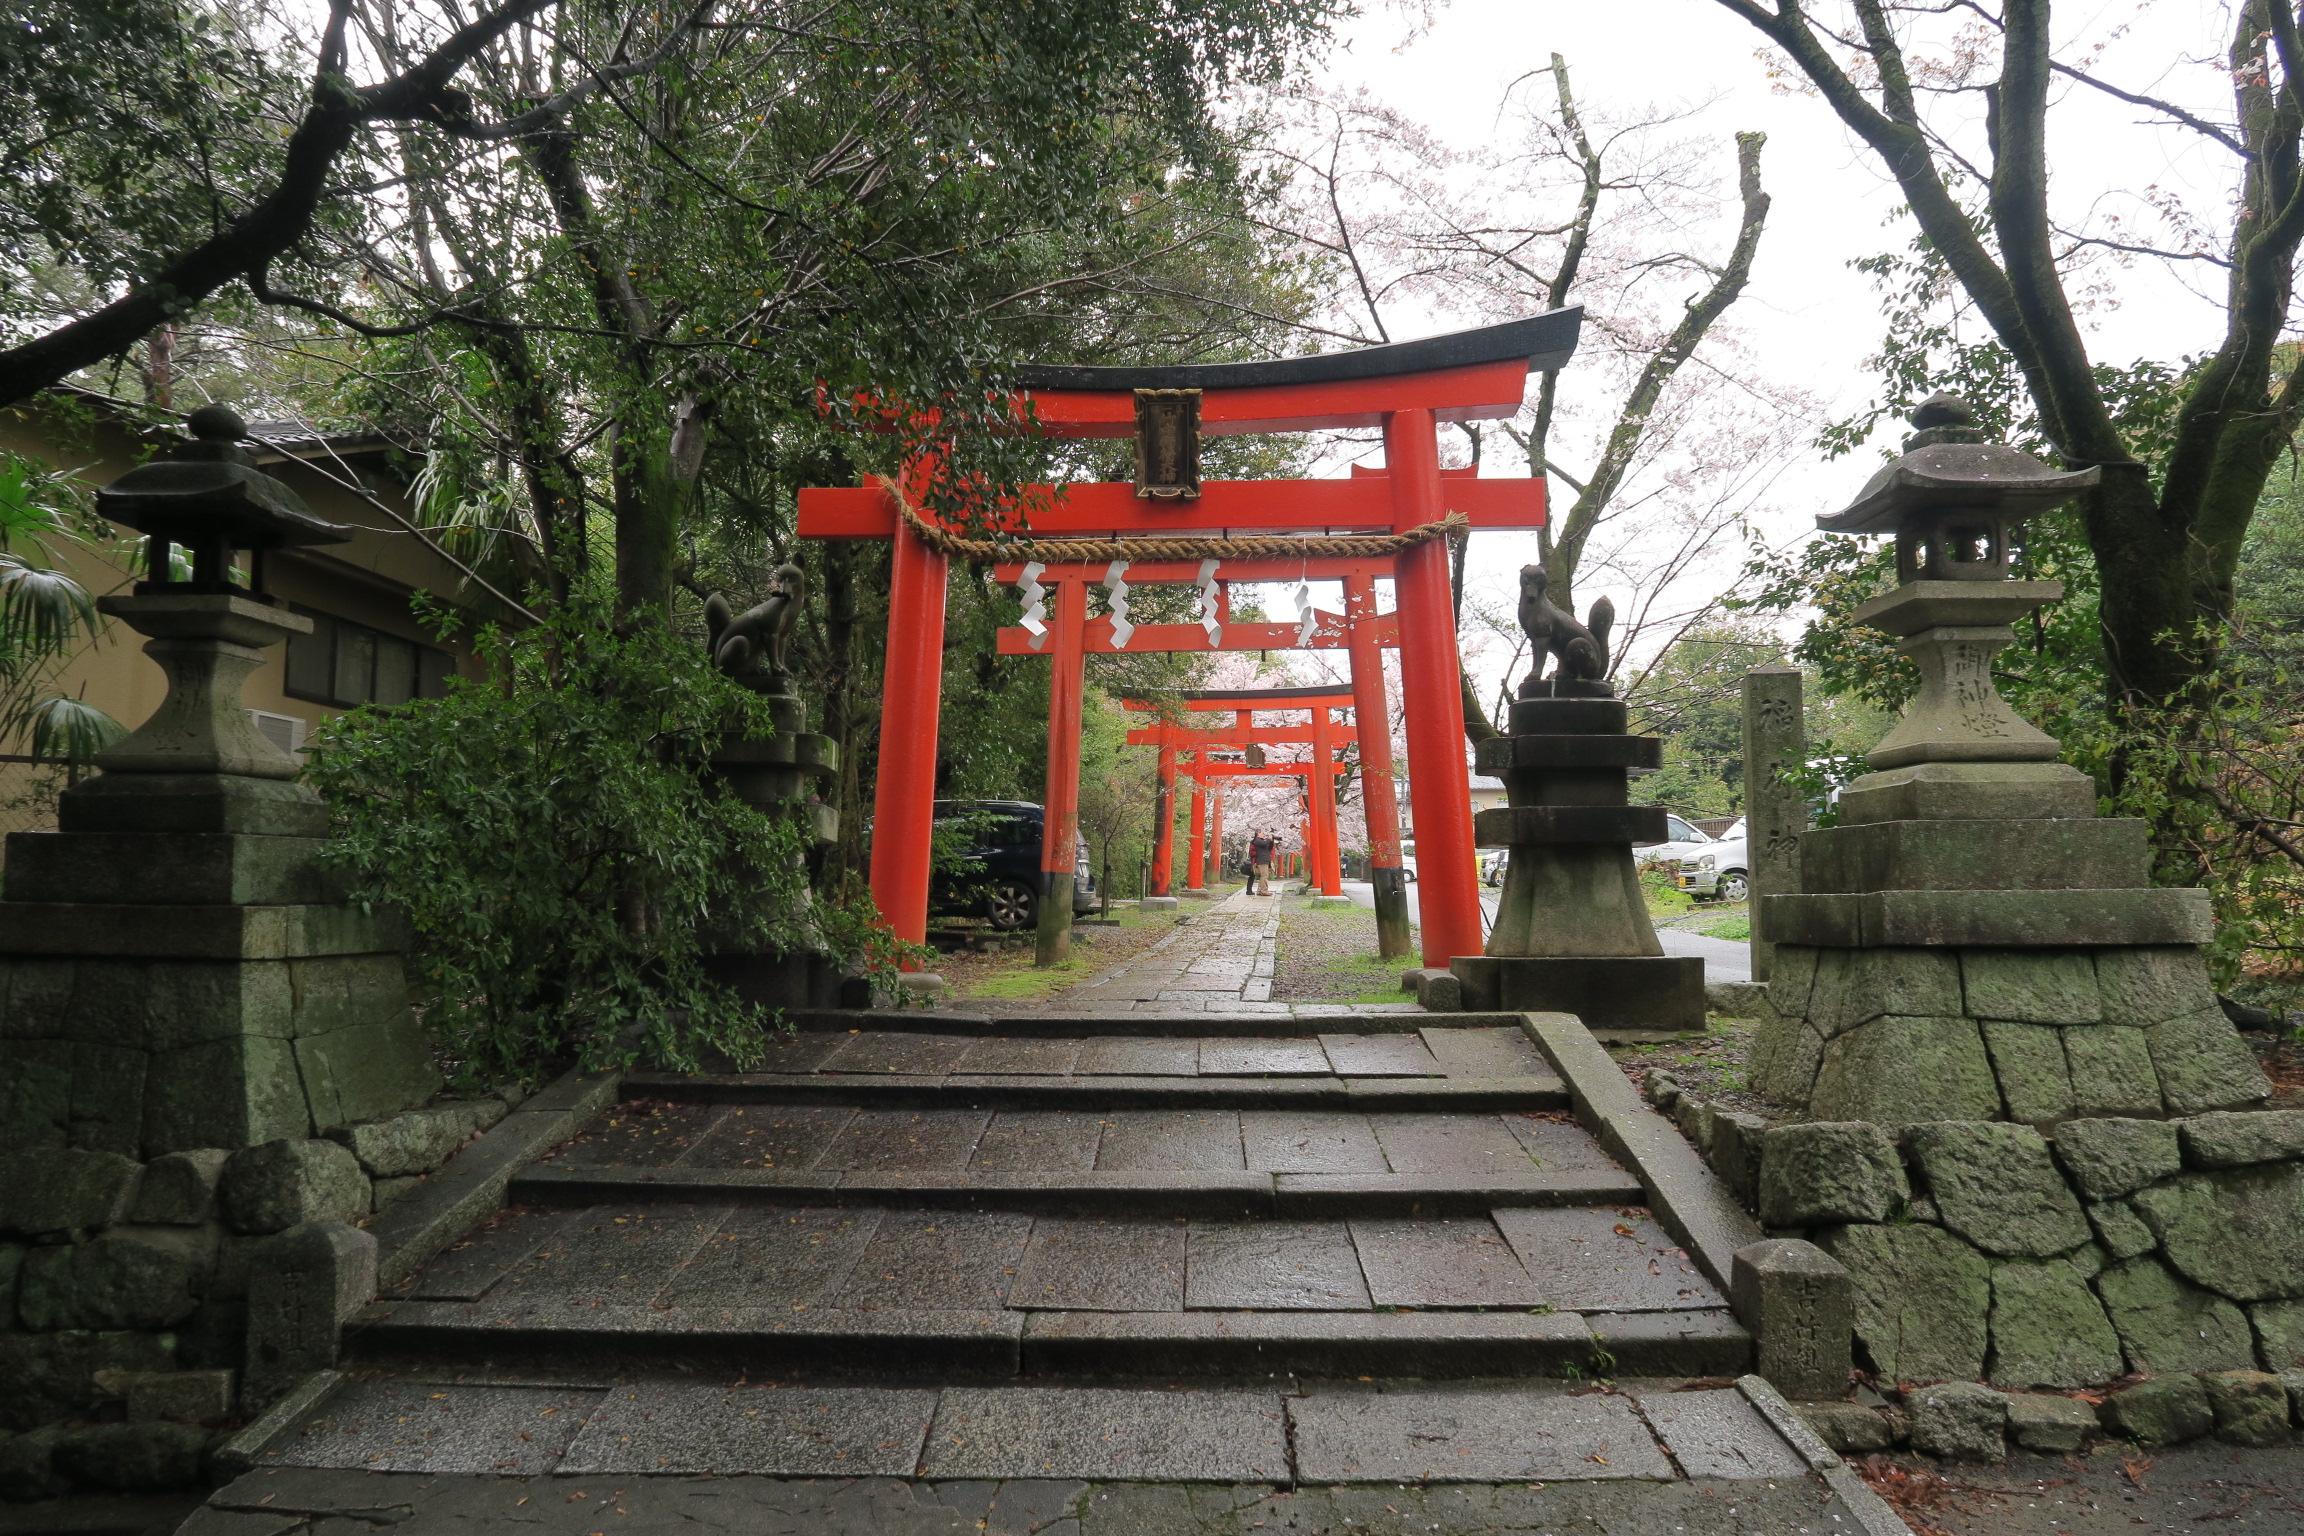 宗忠神社から数分にある竹中稲荷神社。